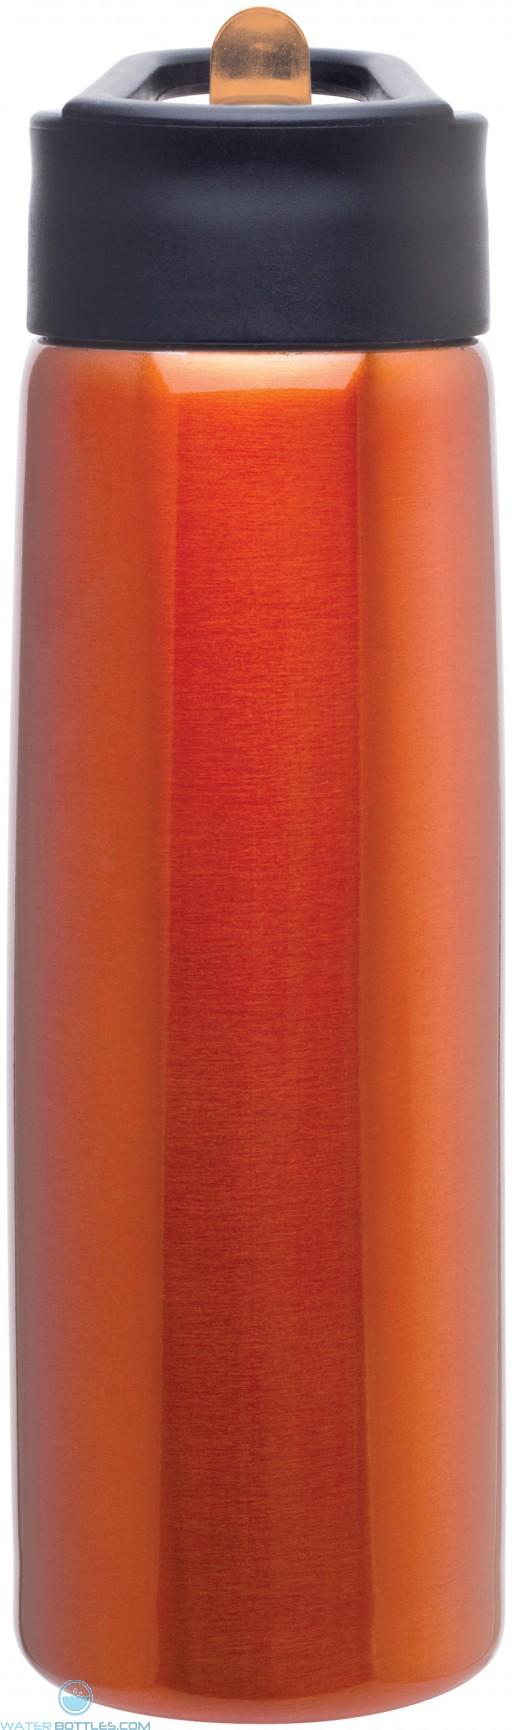 H2Go Hydra Water Bottles | 24 oz - Orange